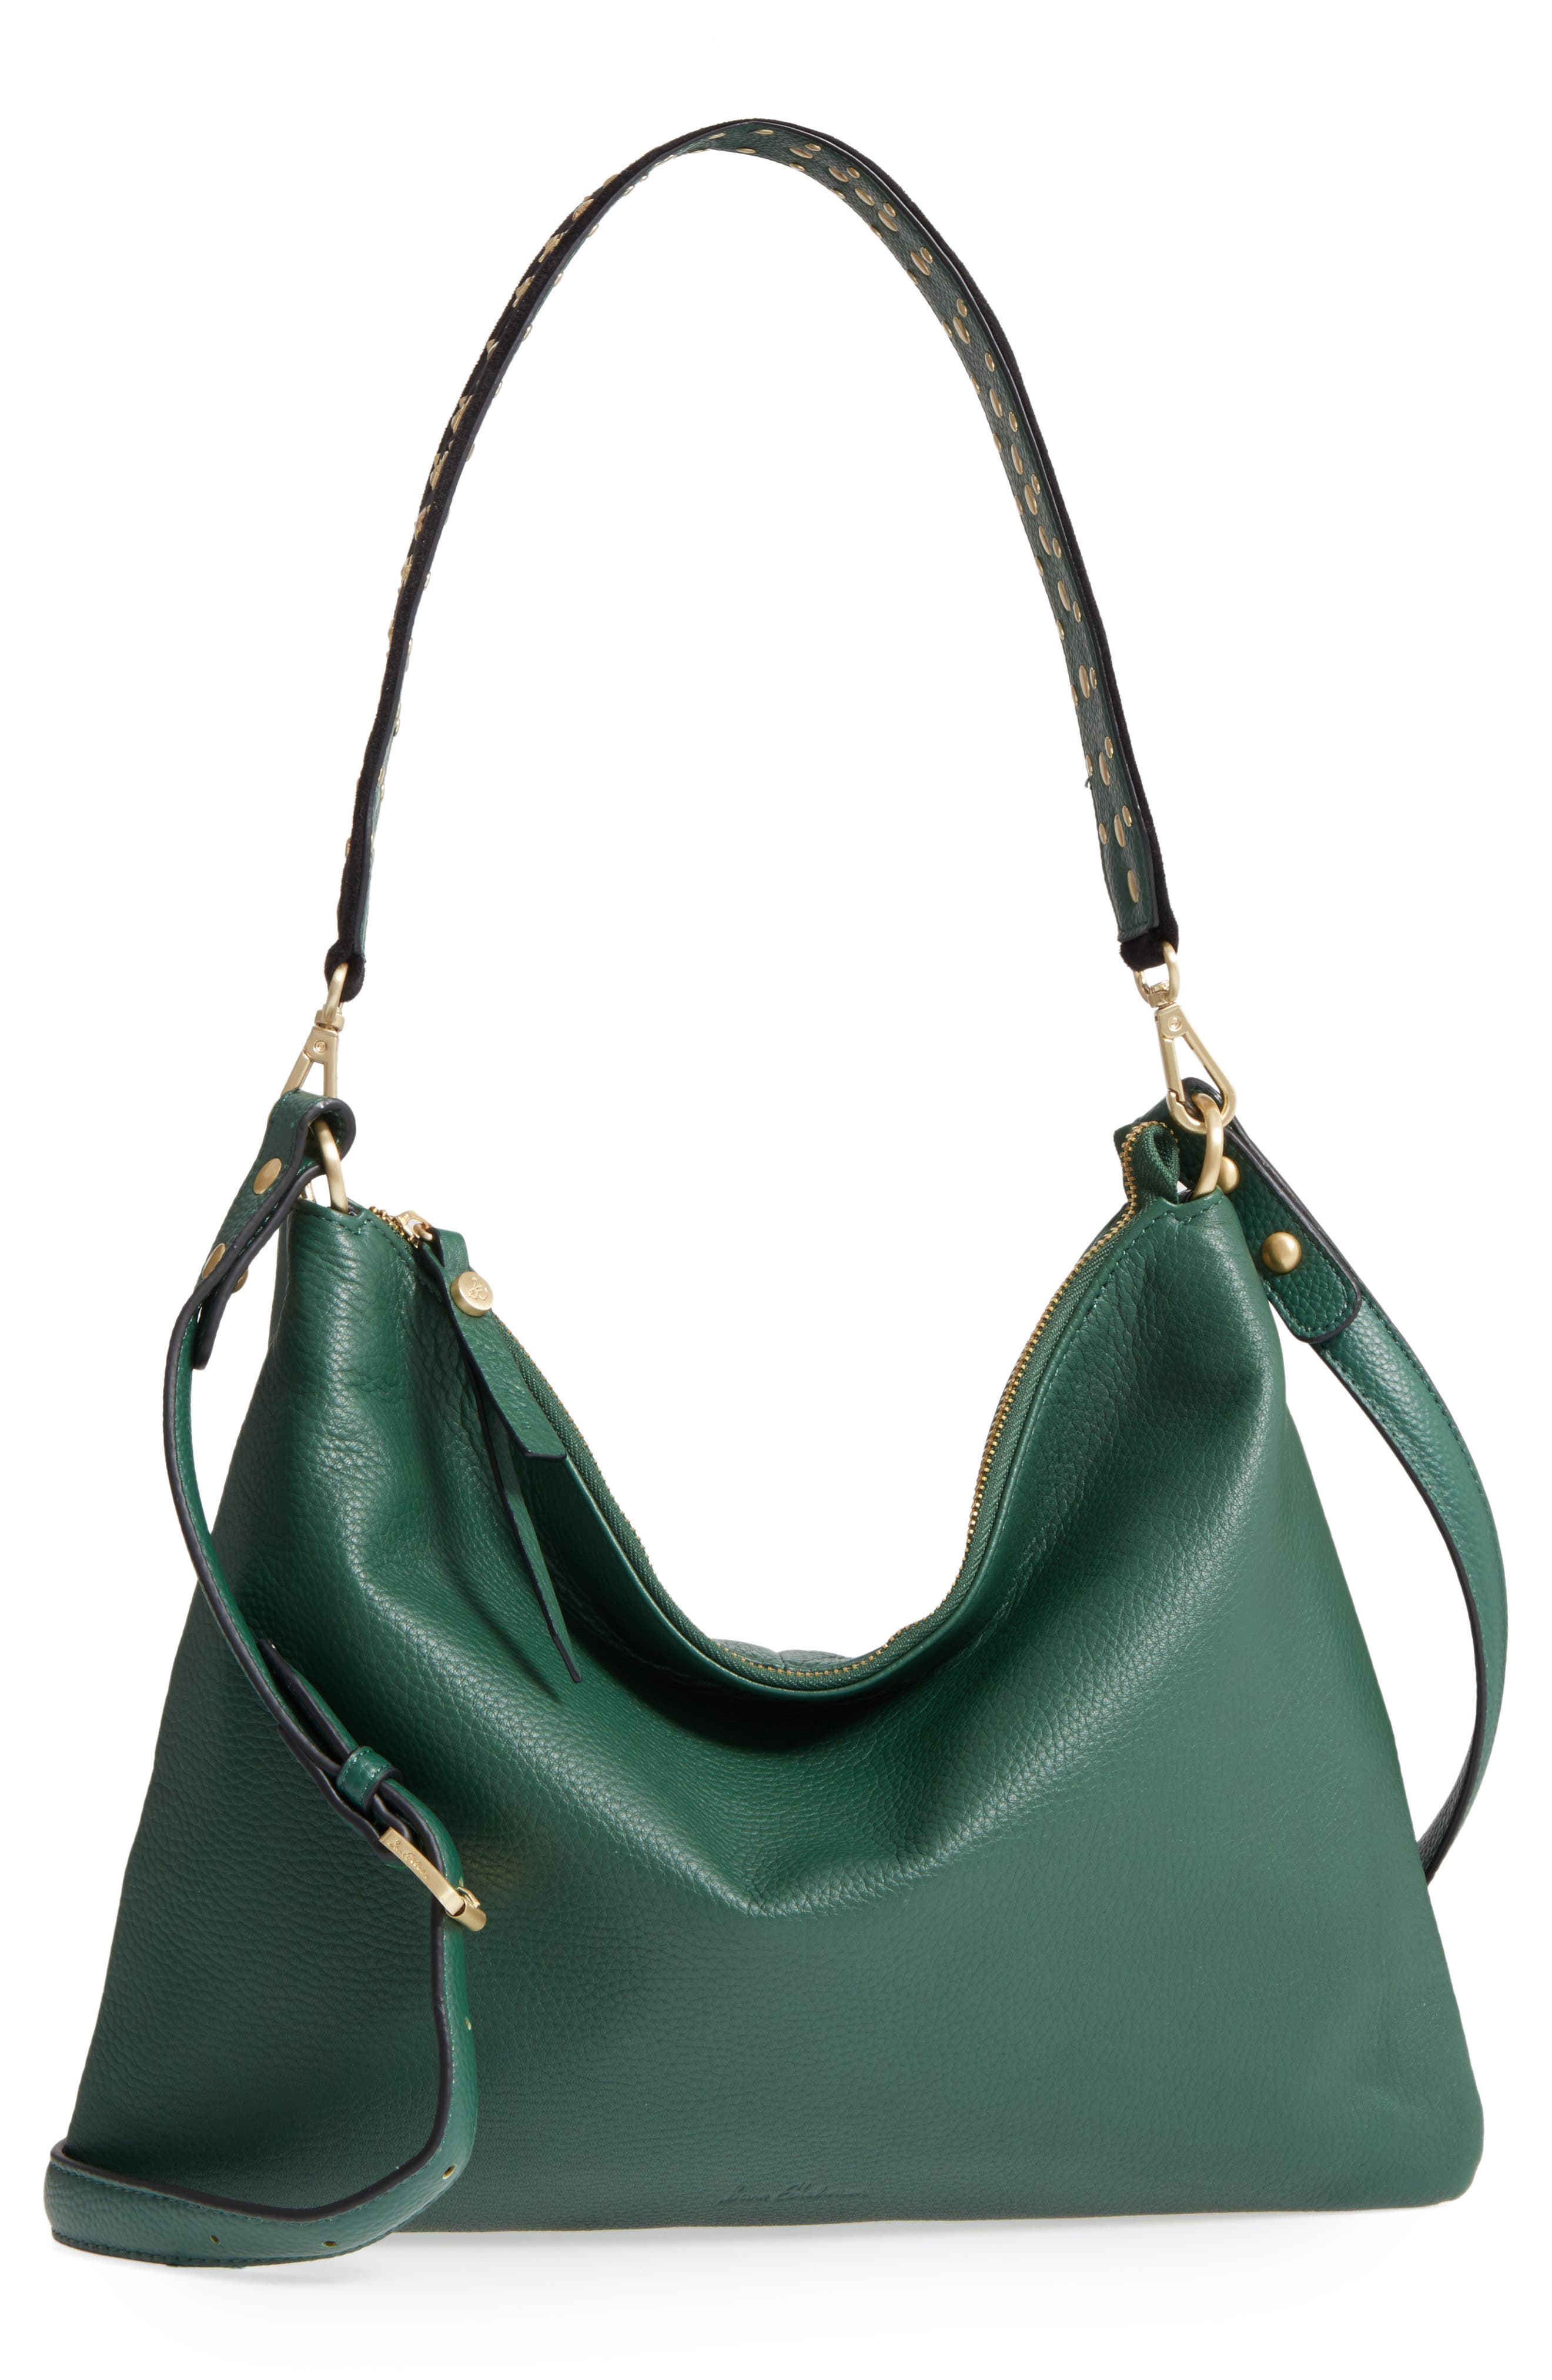 Main Image - Sam Edelman Raelyn Leather Shoulder Bag